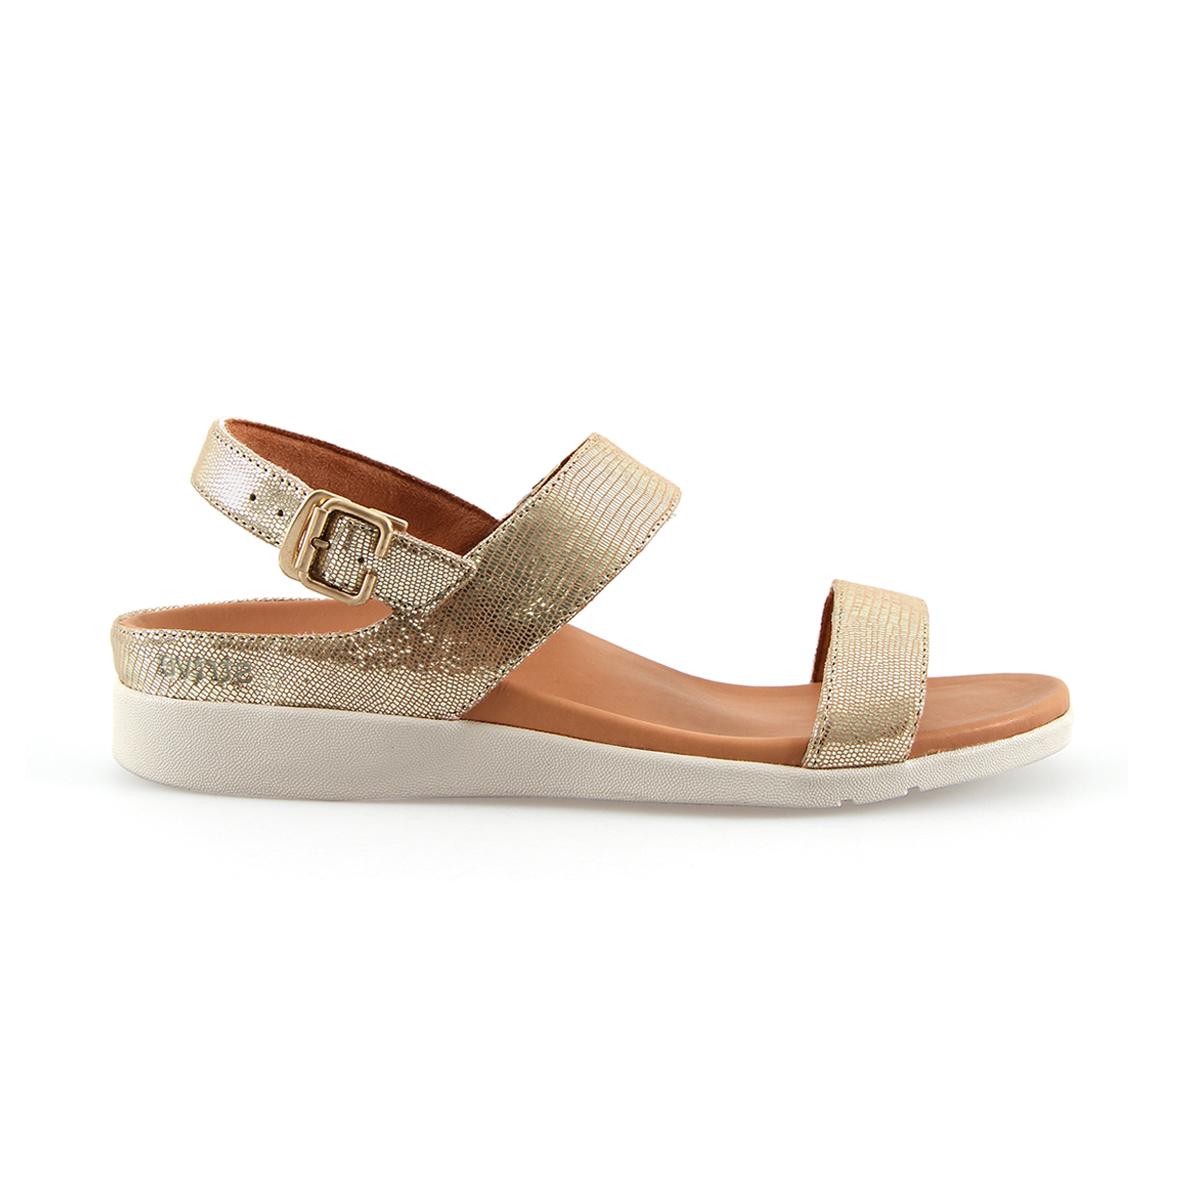 スニーカー感覚で歩き回れる「サンダル」|LUCIA / UK3(22-22.5cm) 独自開発の立体インソールで、スニーカーみたいに歩き回れる「サンダル」|strive